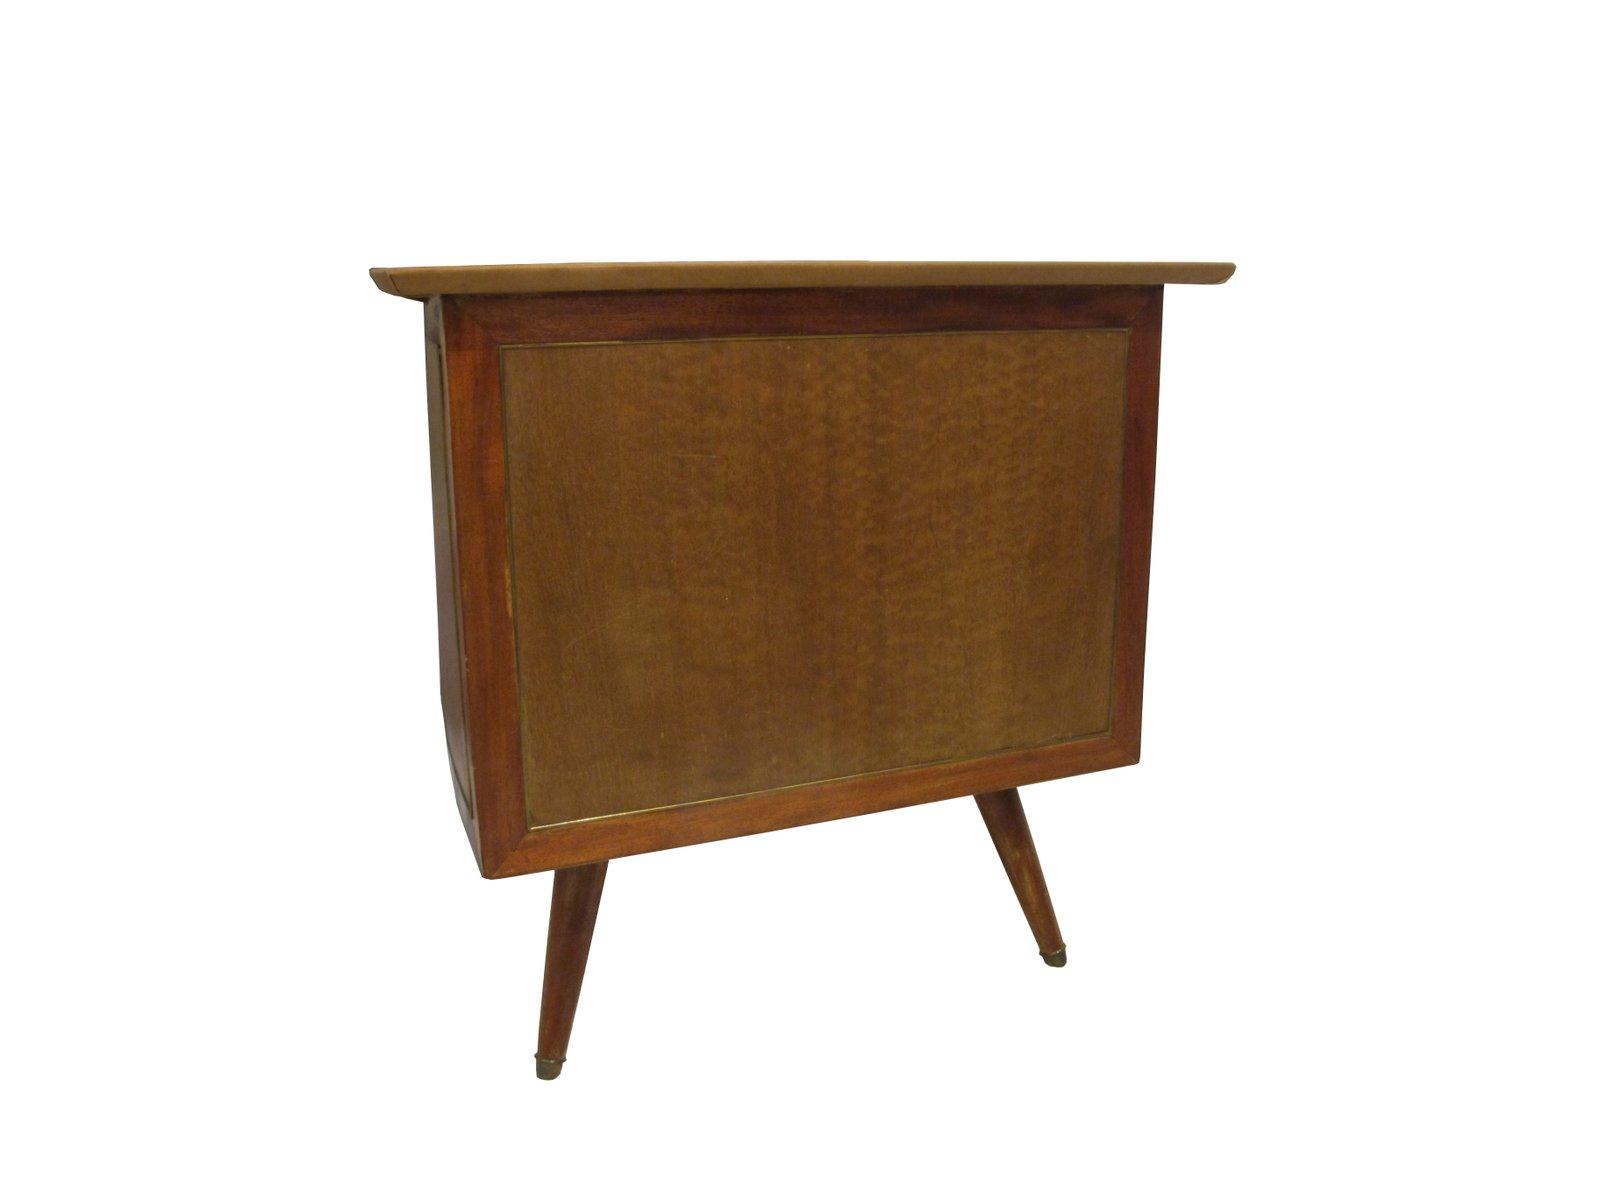 geschwungener vintage schreibtisch aus mahagoni bei pamono. Black Bedroom Furniture Sets. Home Design Ideas